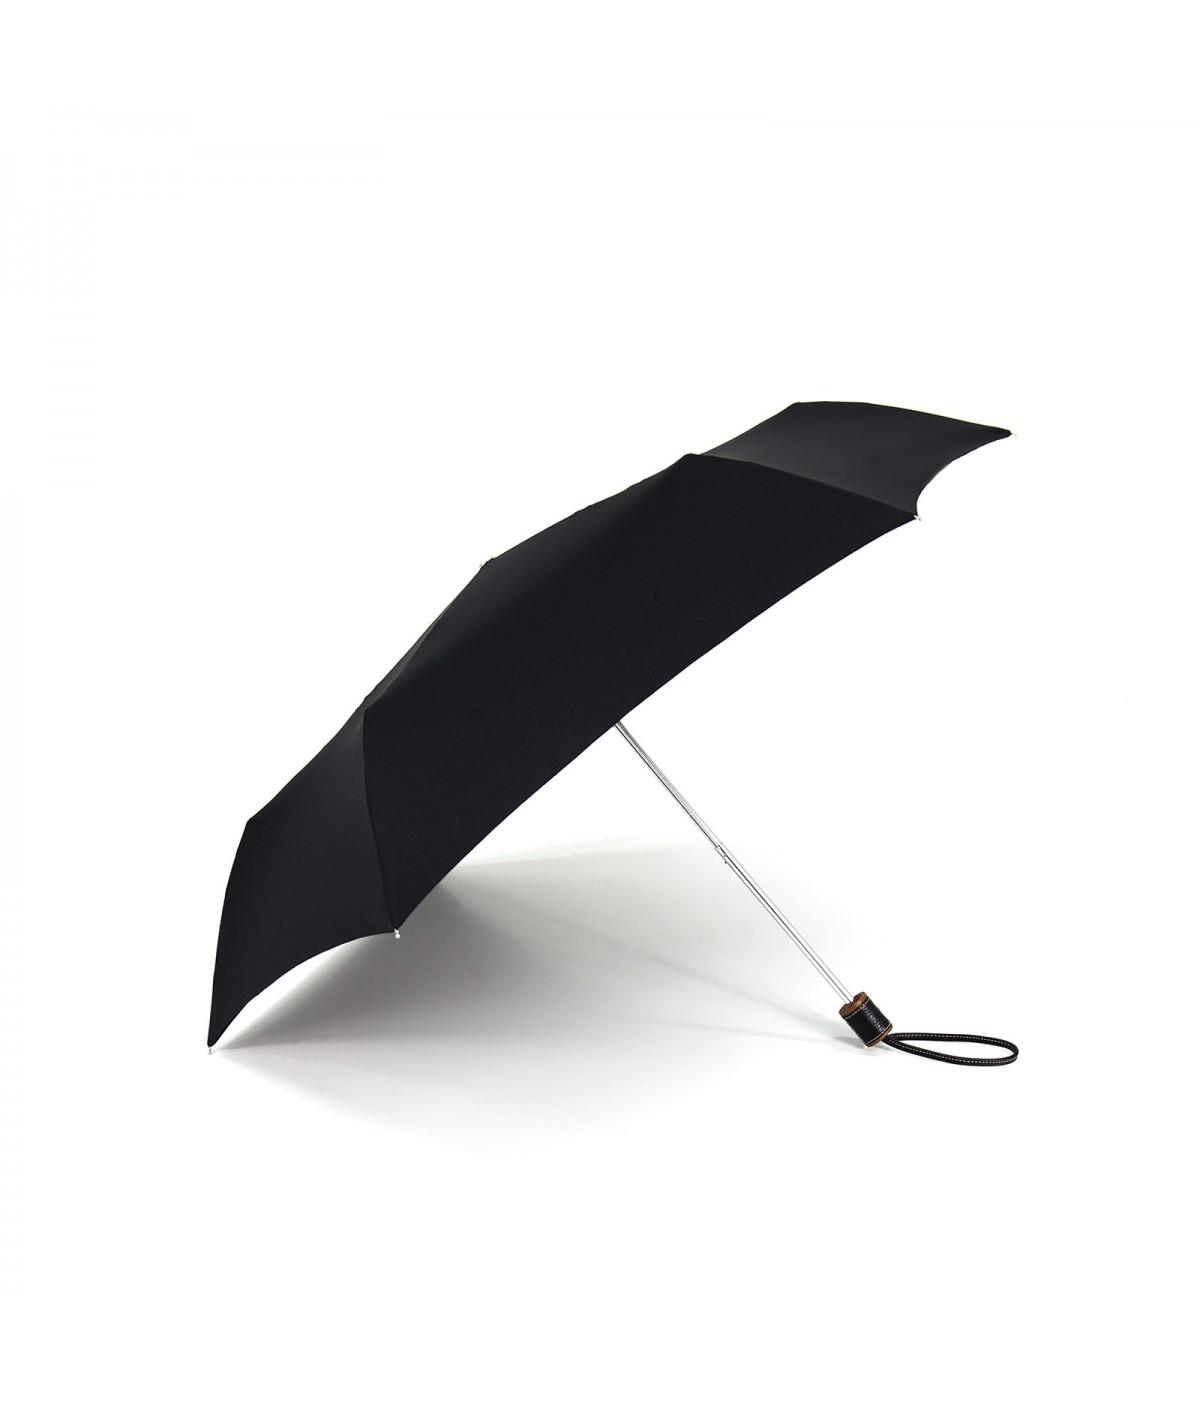 → Longchamp Pliage Club Micro - Noir -  Parapluie Pliable Haut de Gamme